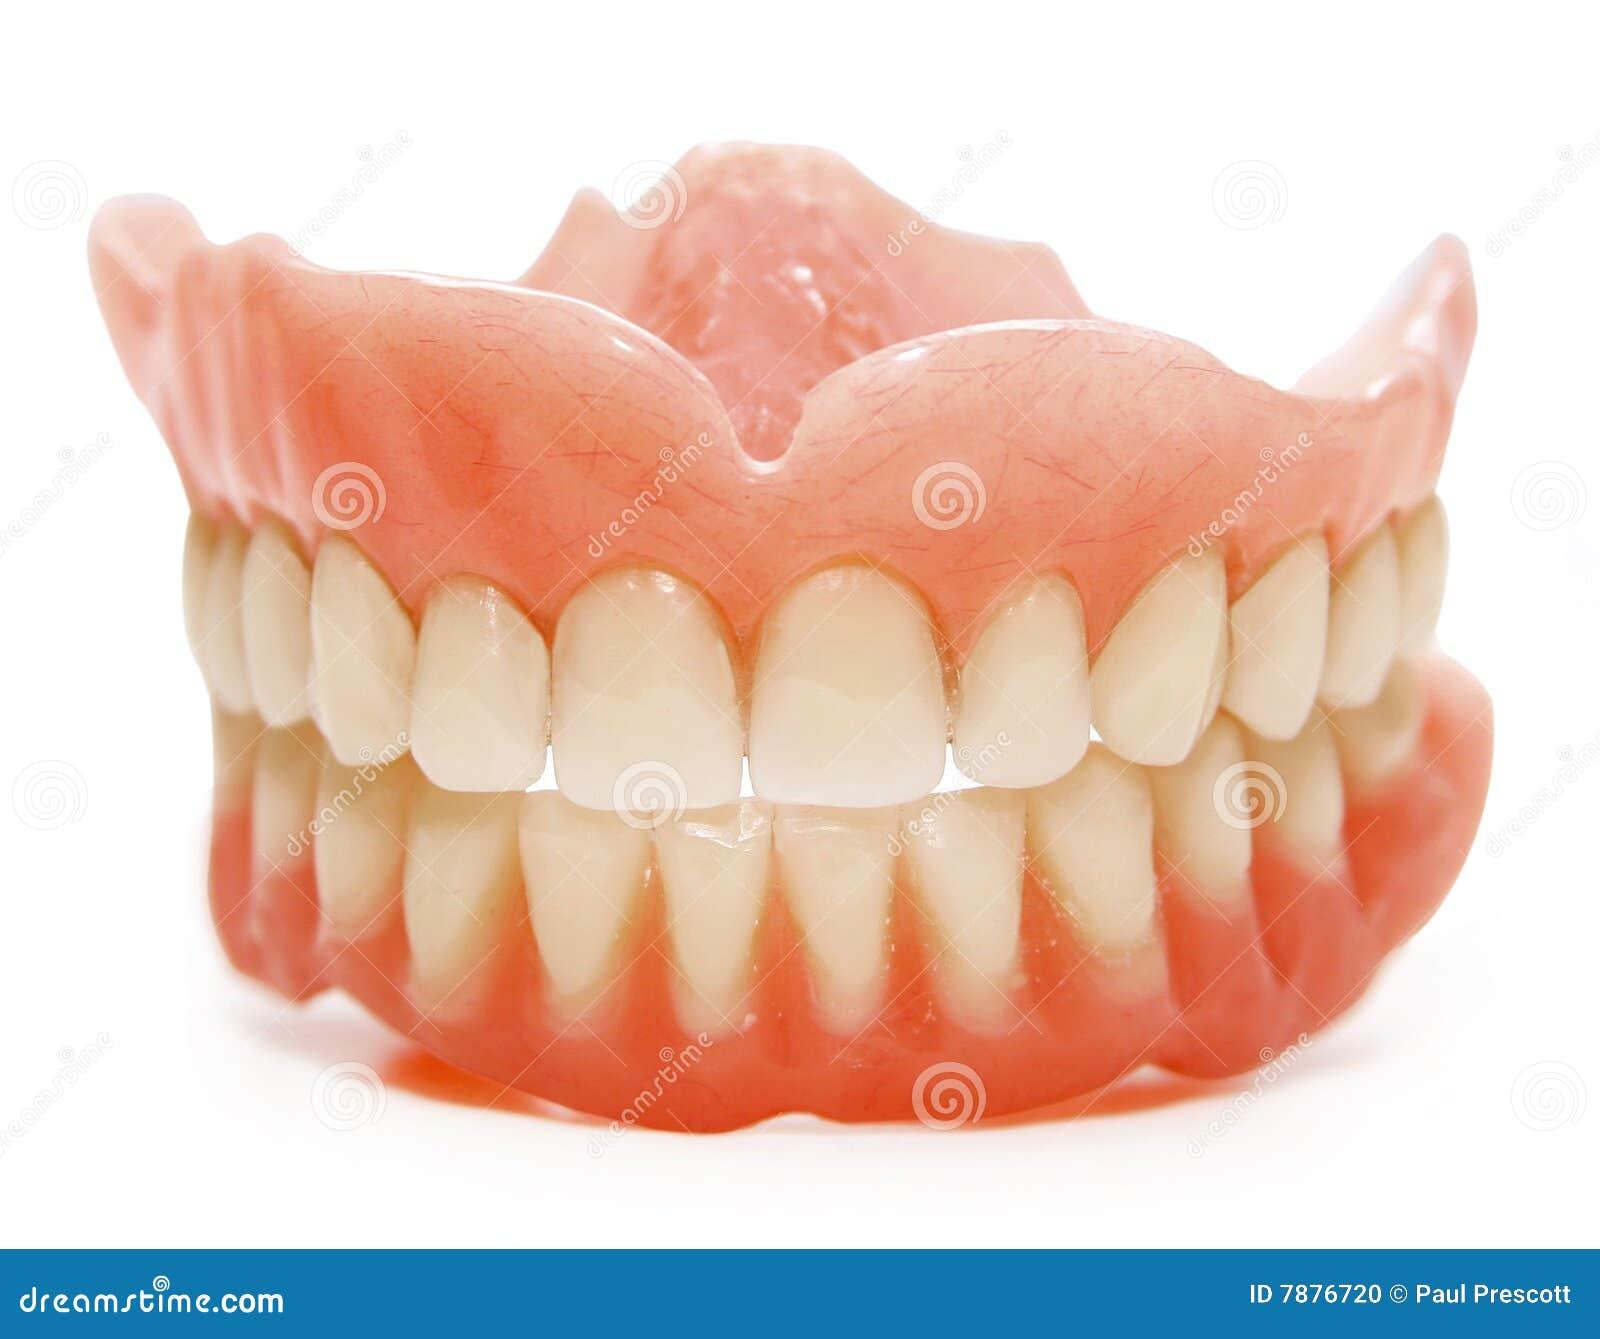 False teeth Teeth